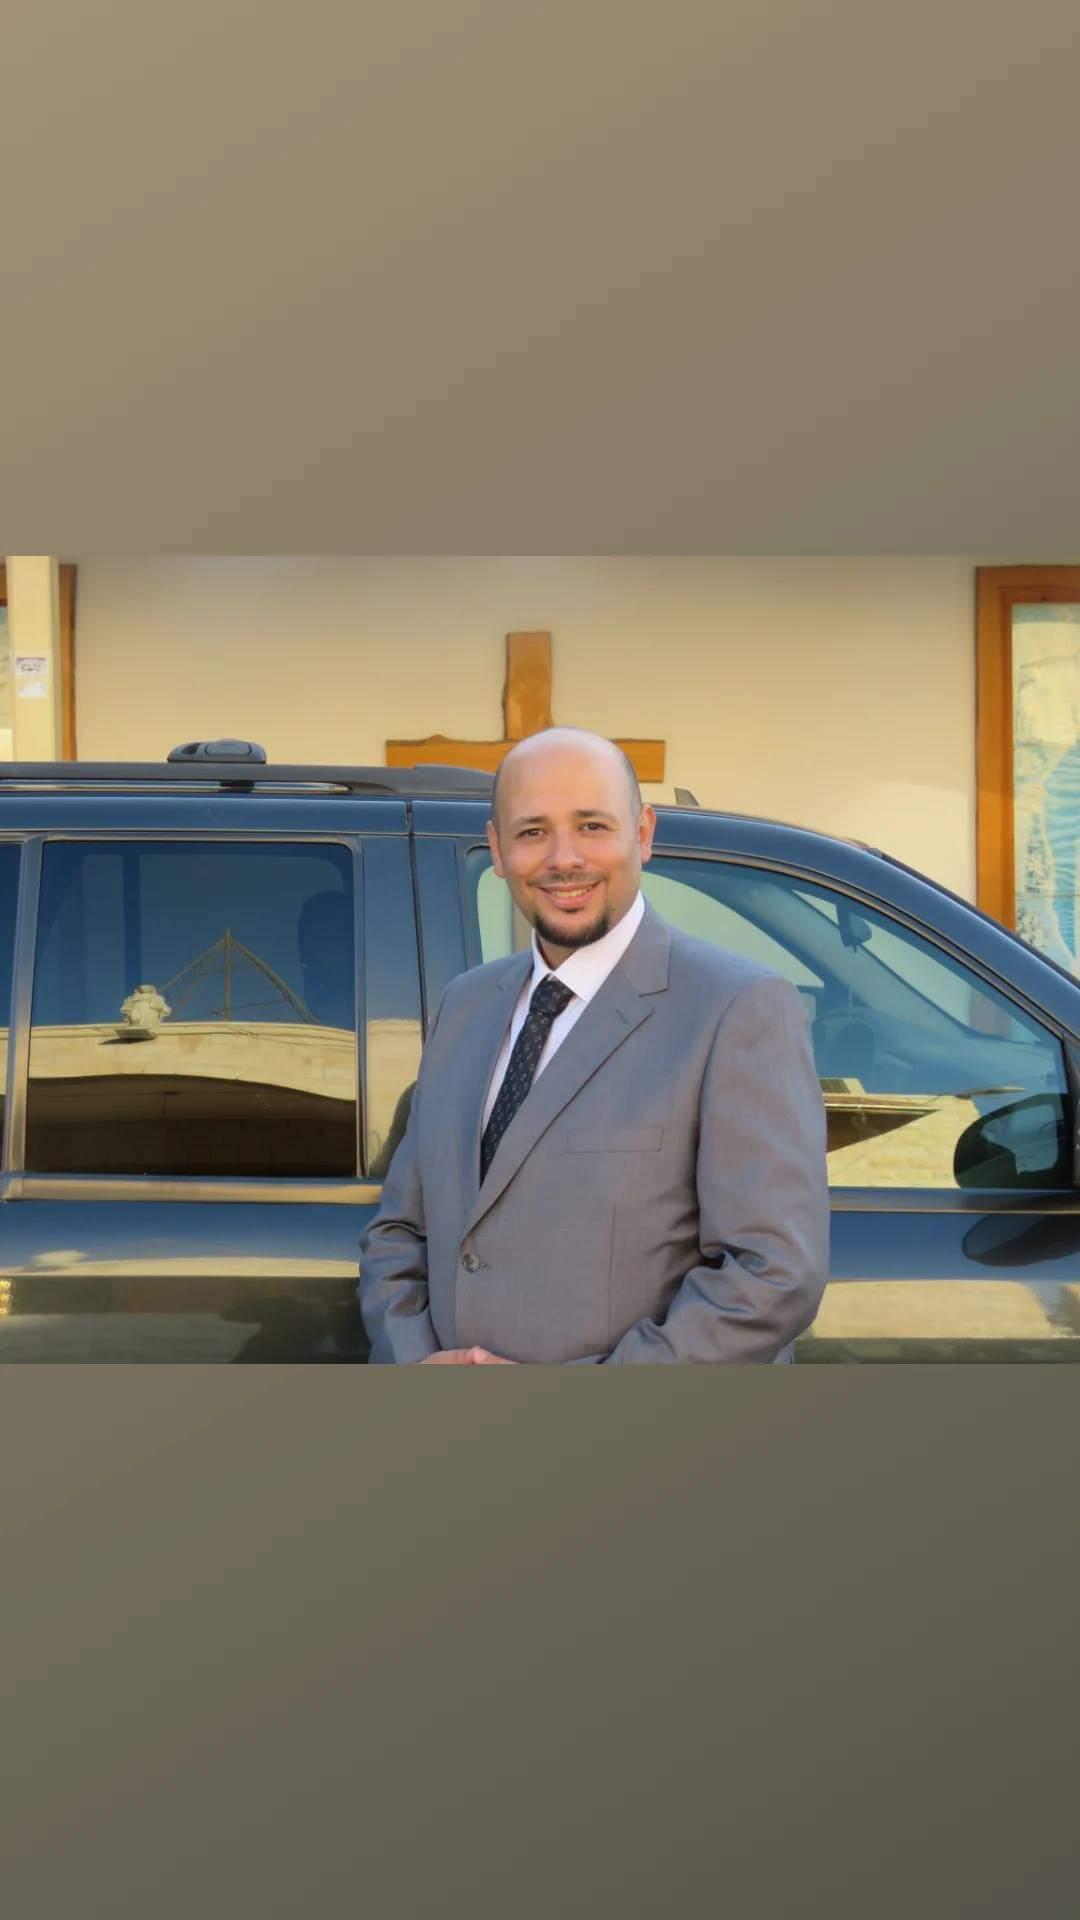 تهنئة إلى الدكتور عدي عيسى مرجي بمناسبة حصوله على البورد الأردني